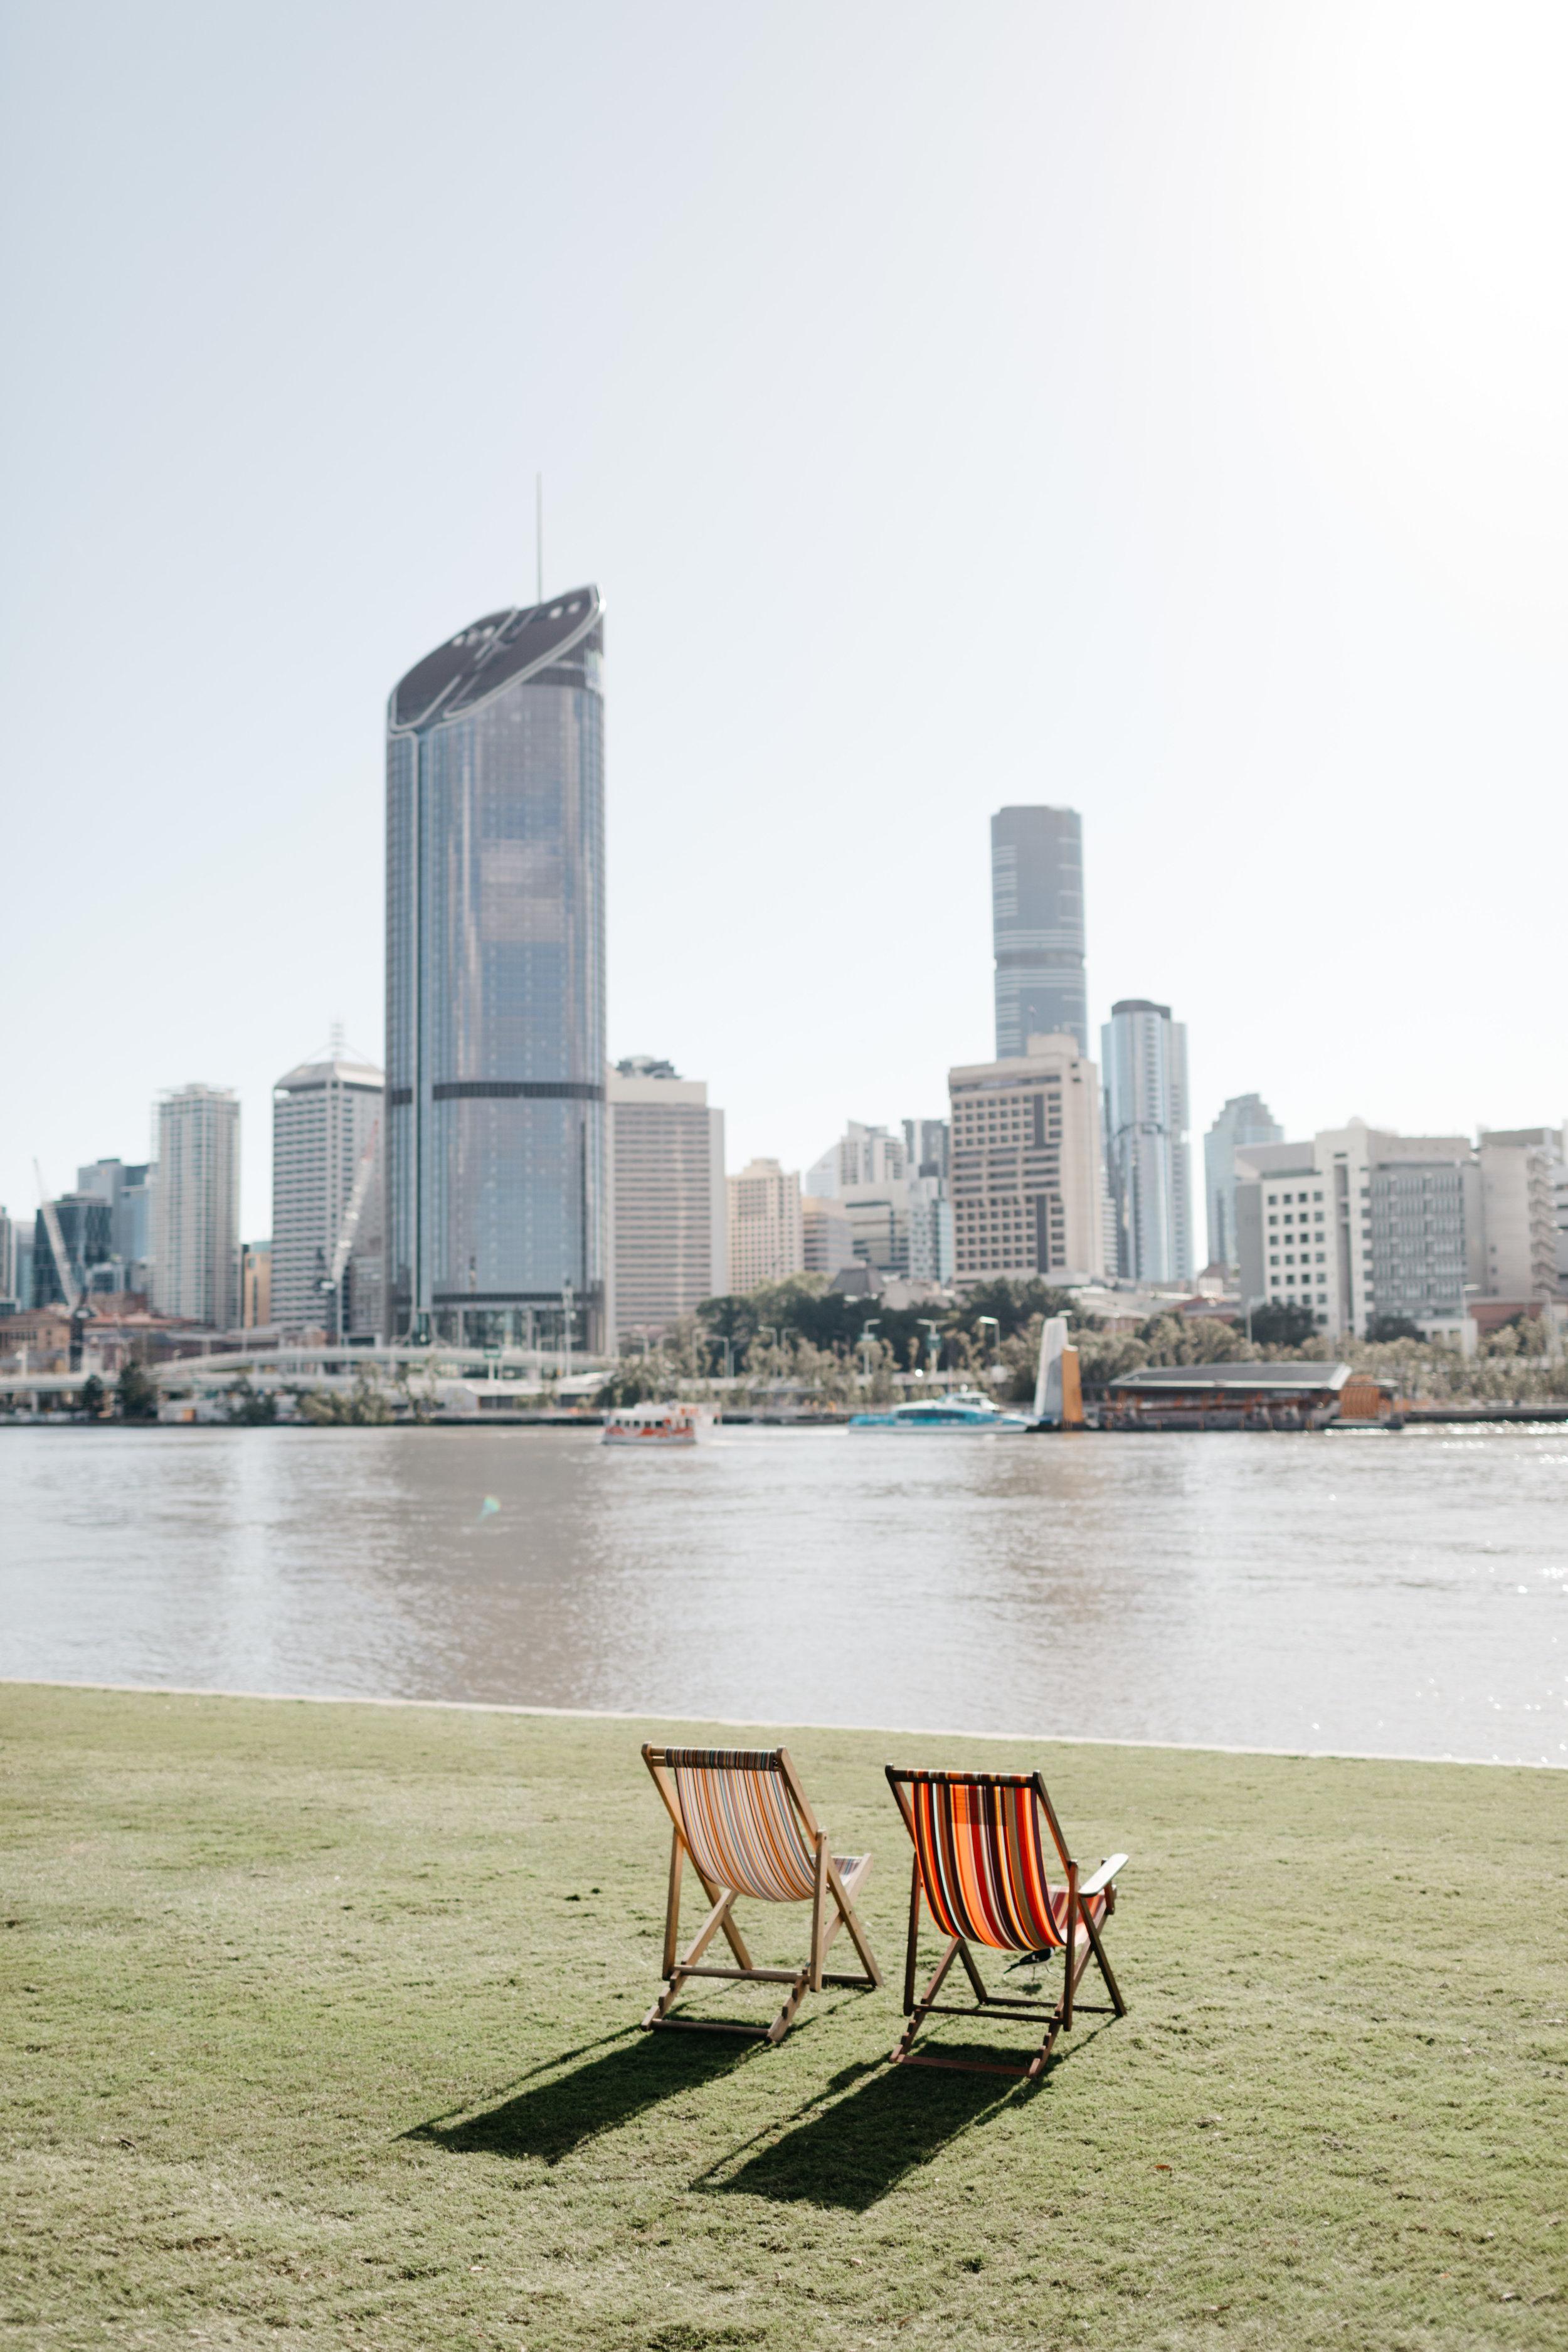 brisbane_skyline_photo_by_samantha_look.jpg